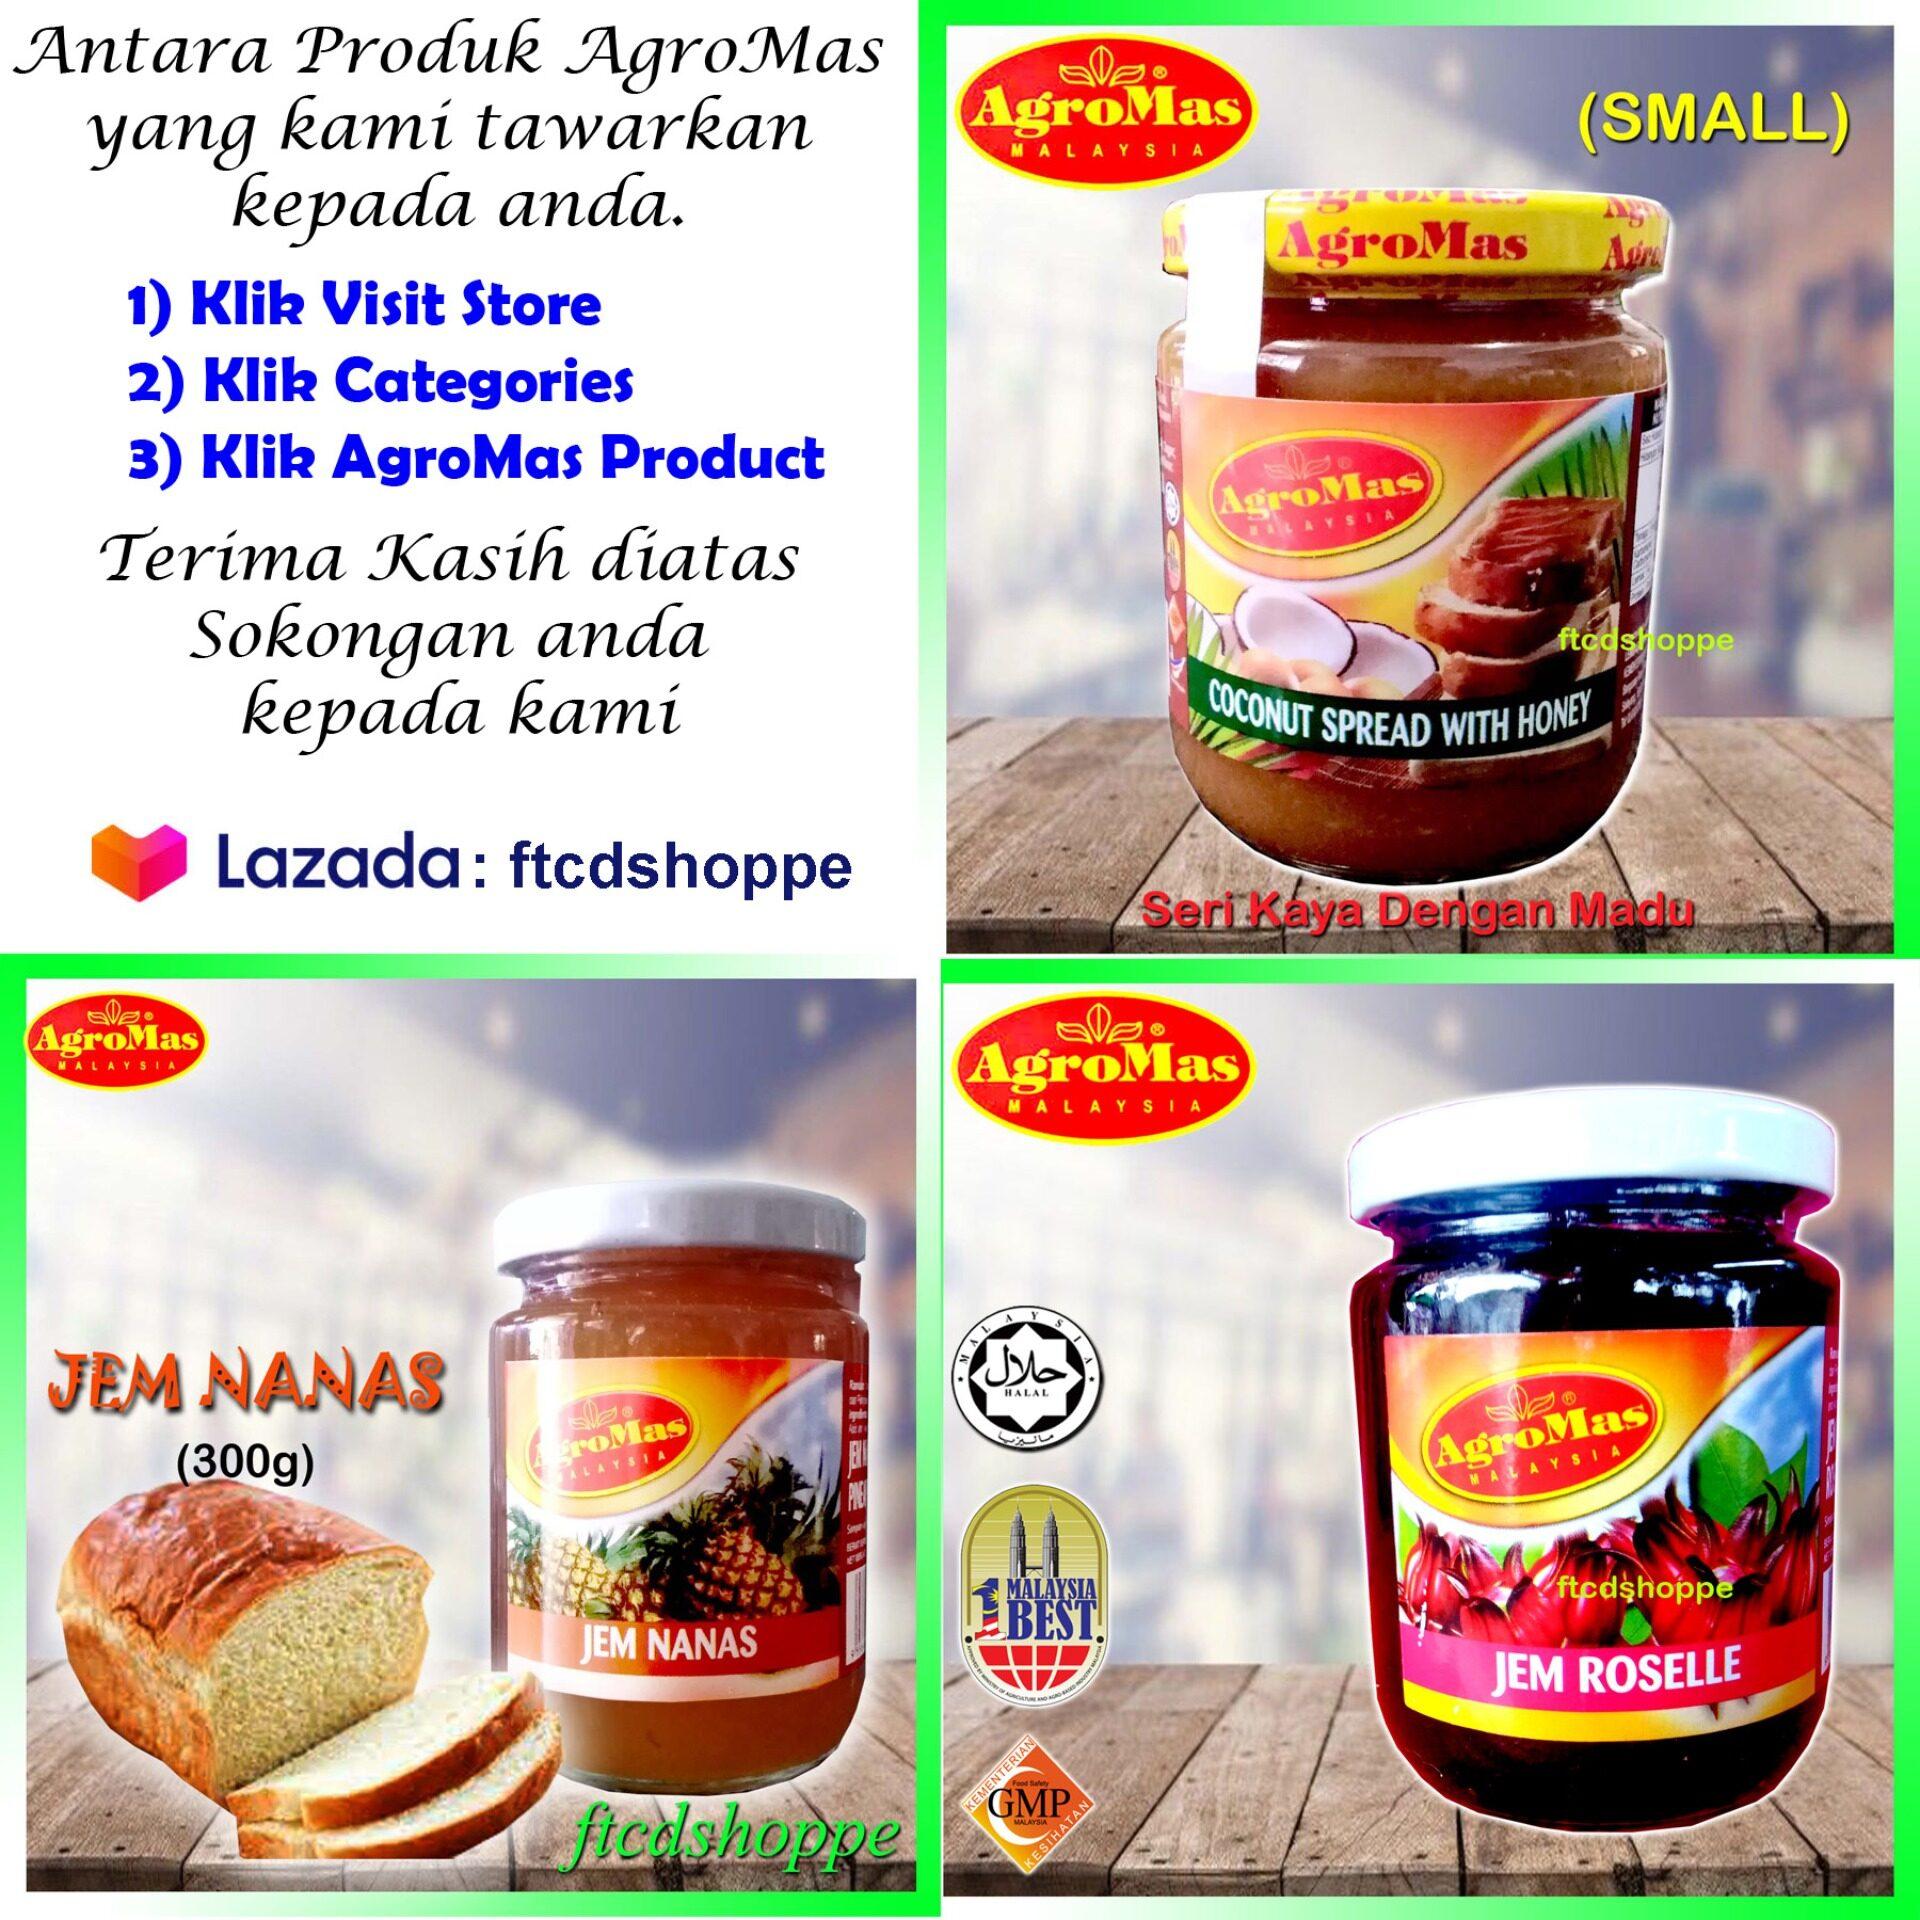 AGROMAS Bihun Beras / Rice Vermicelli (400g)